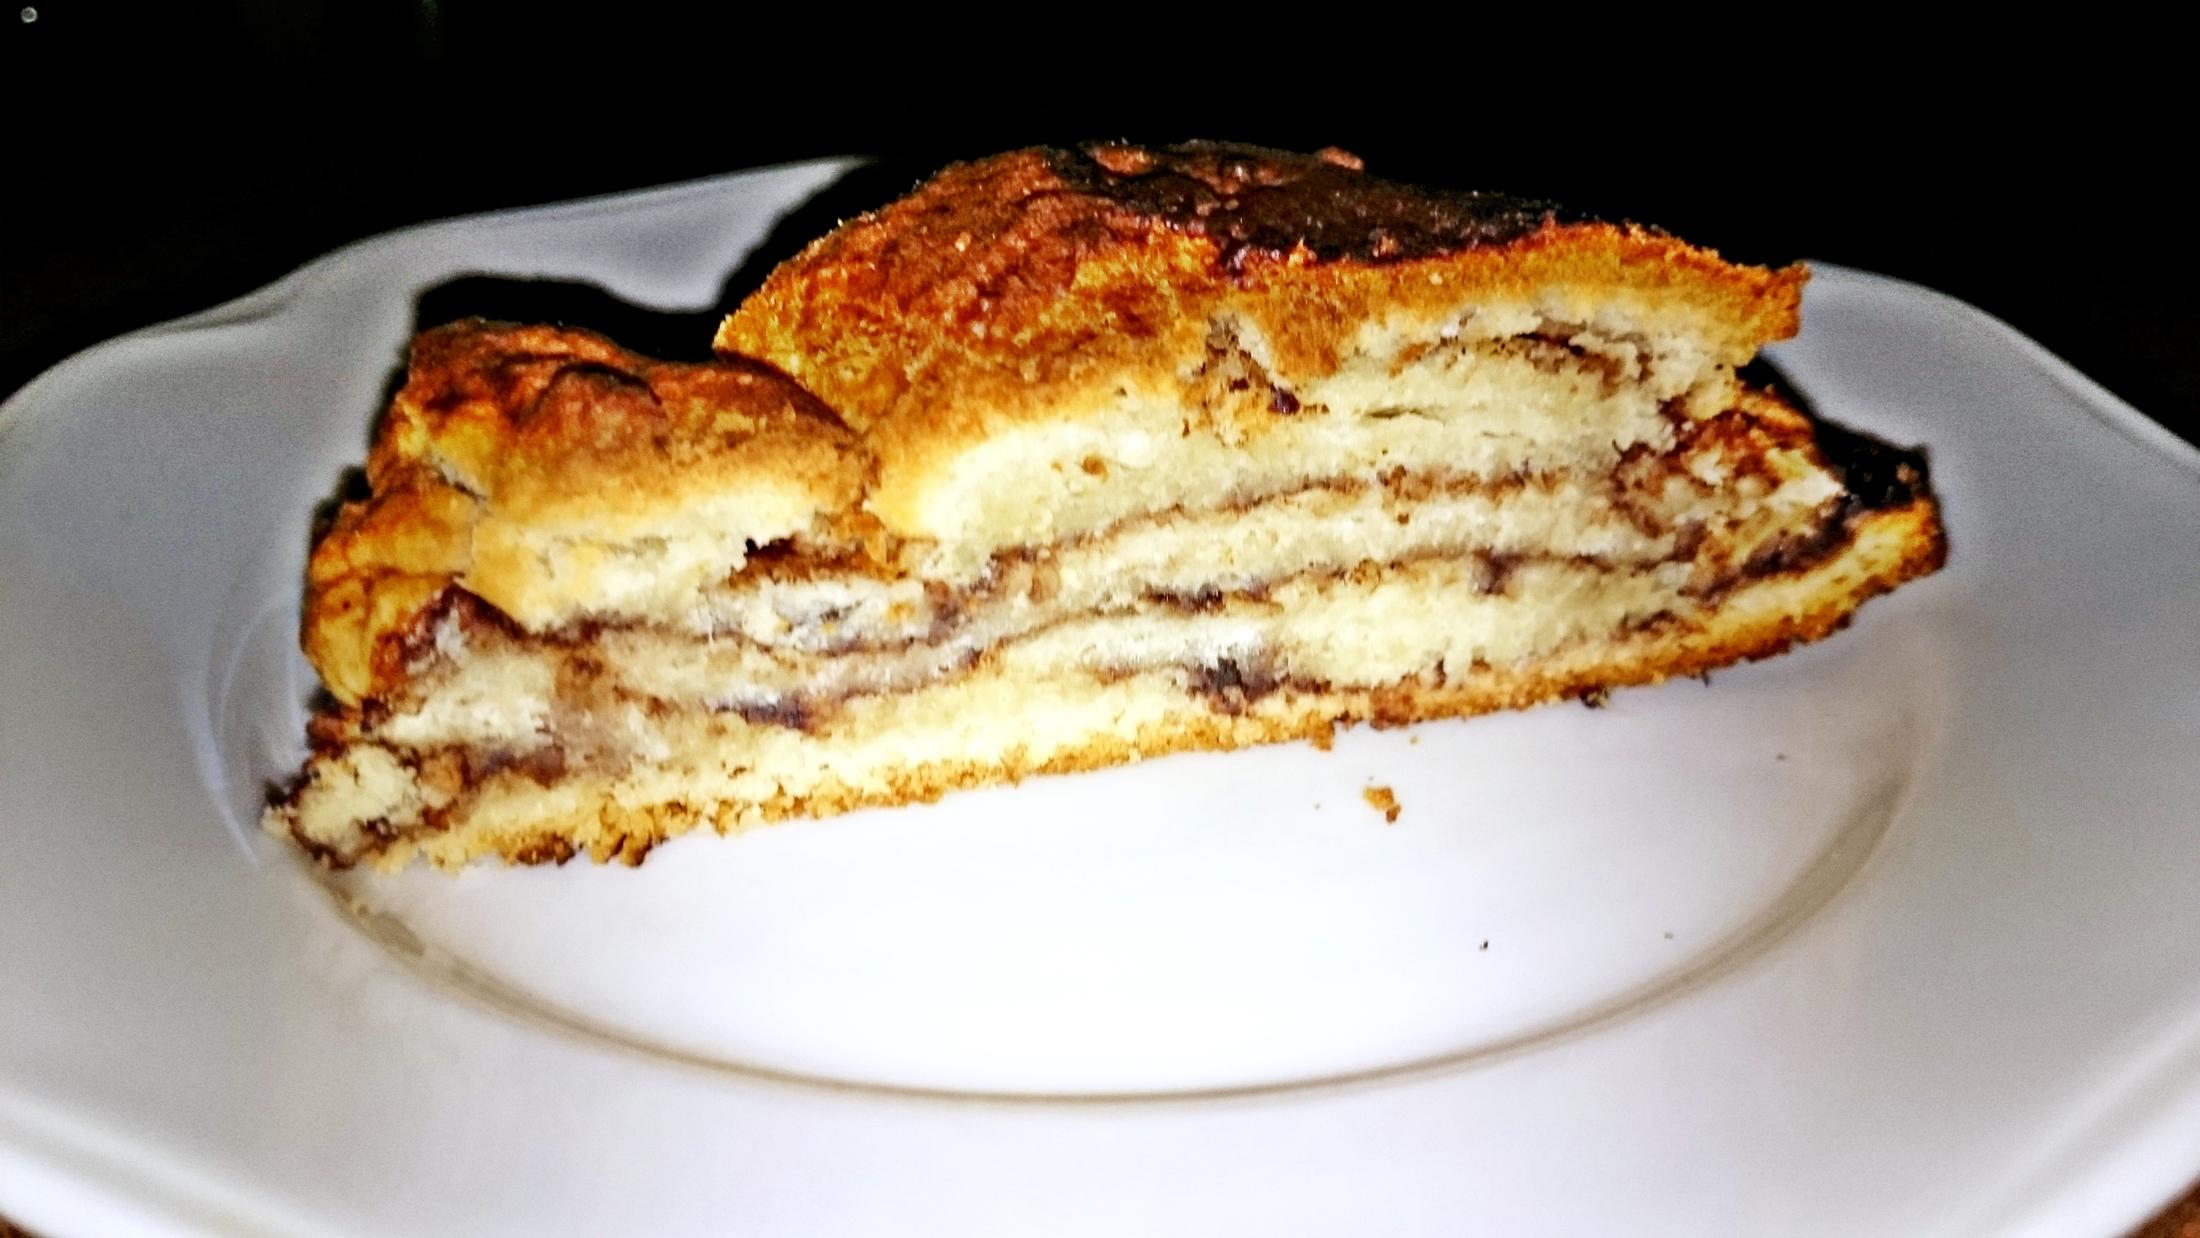 Recept Pletený kysnutý jogurtový koláč s kakaom - Upečeme a vychladnutý koláč pokrájíme na porce